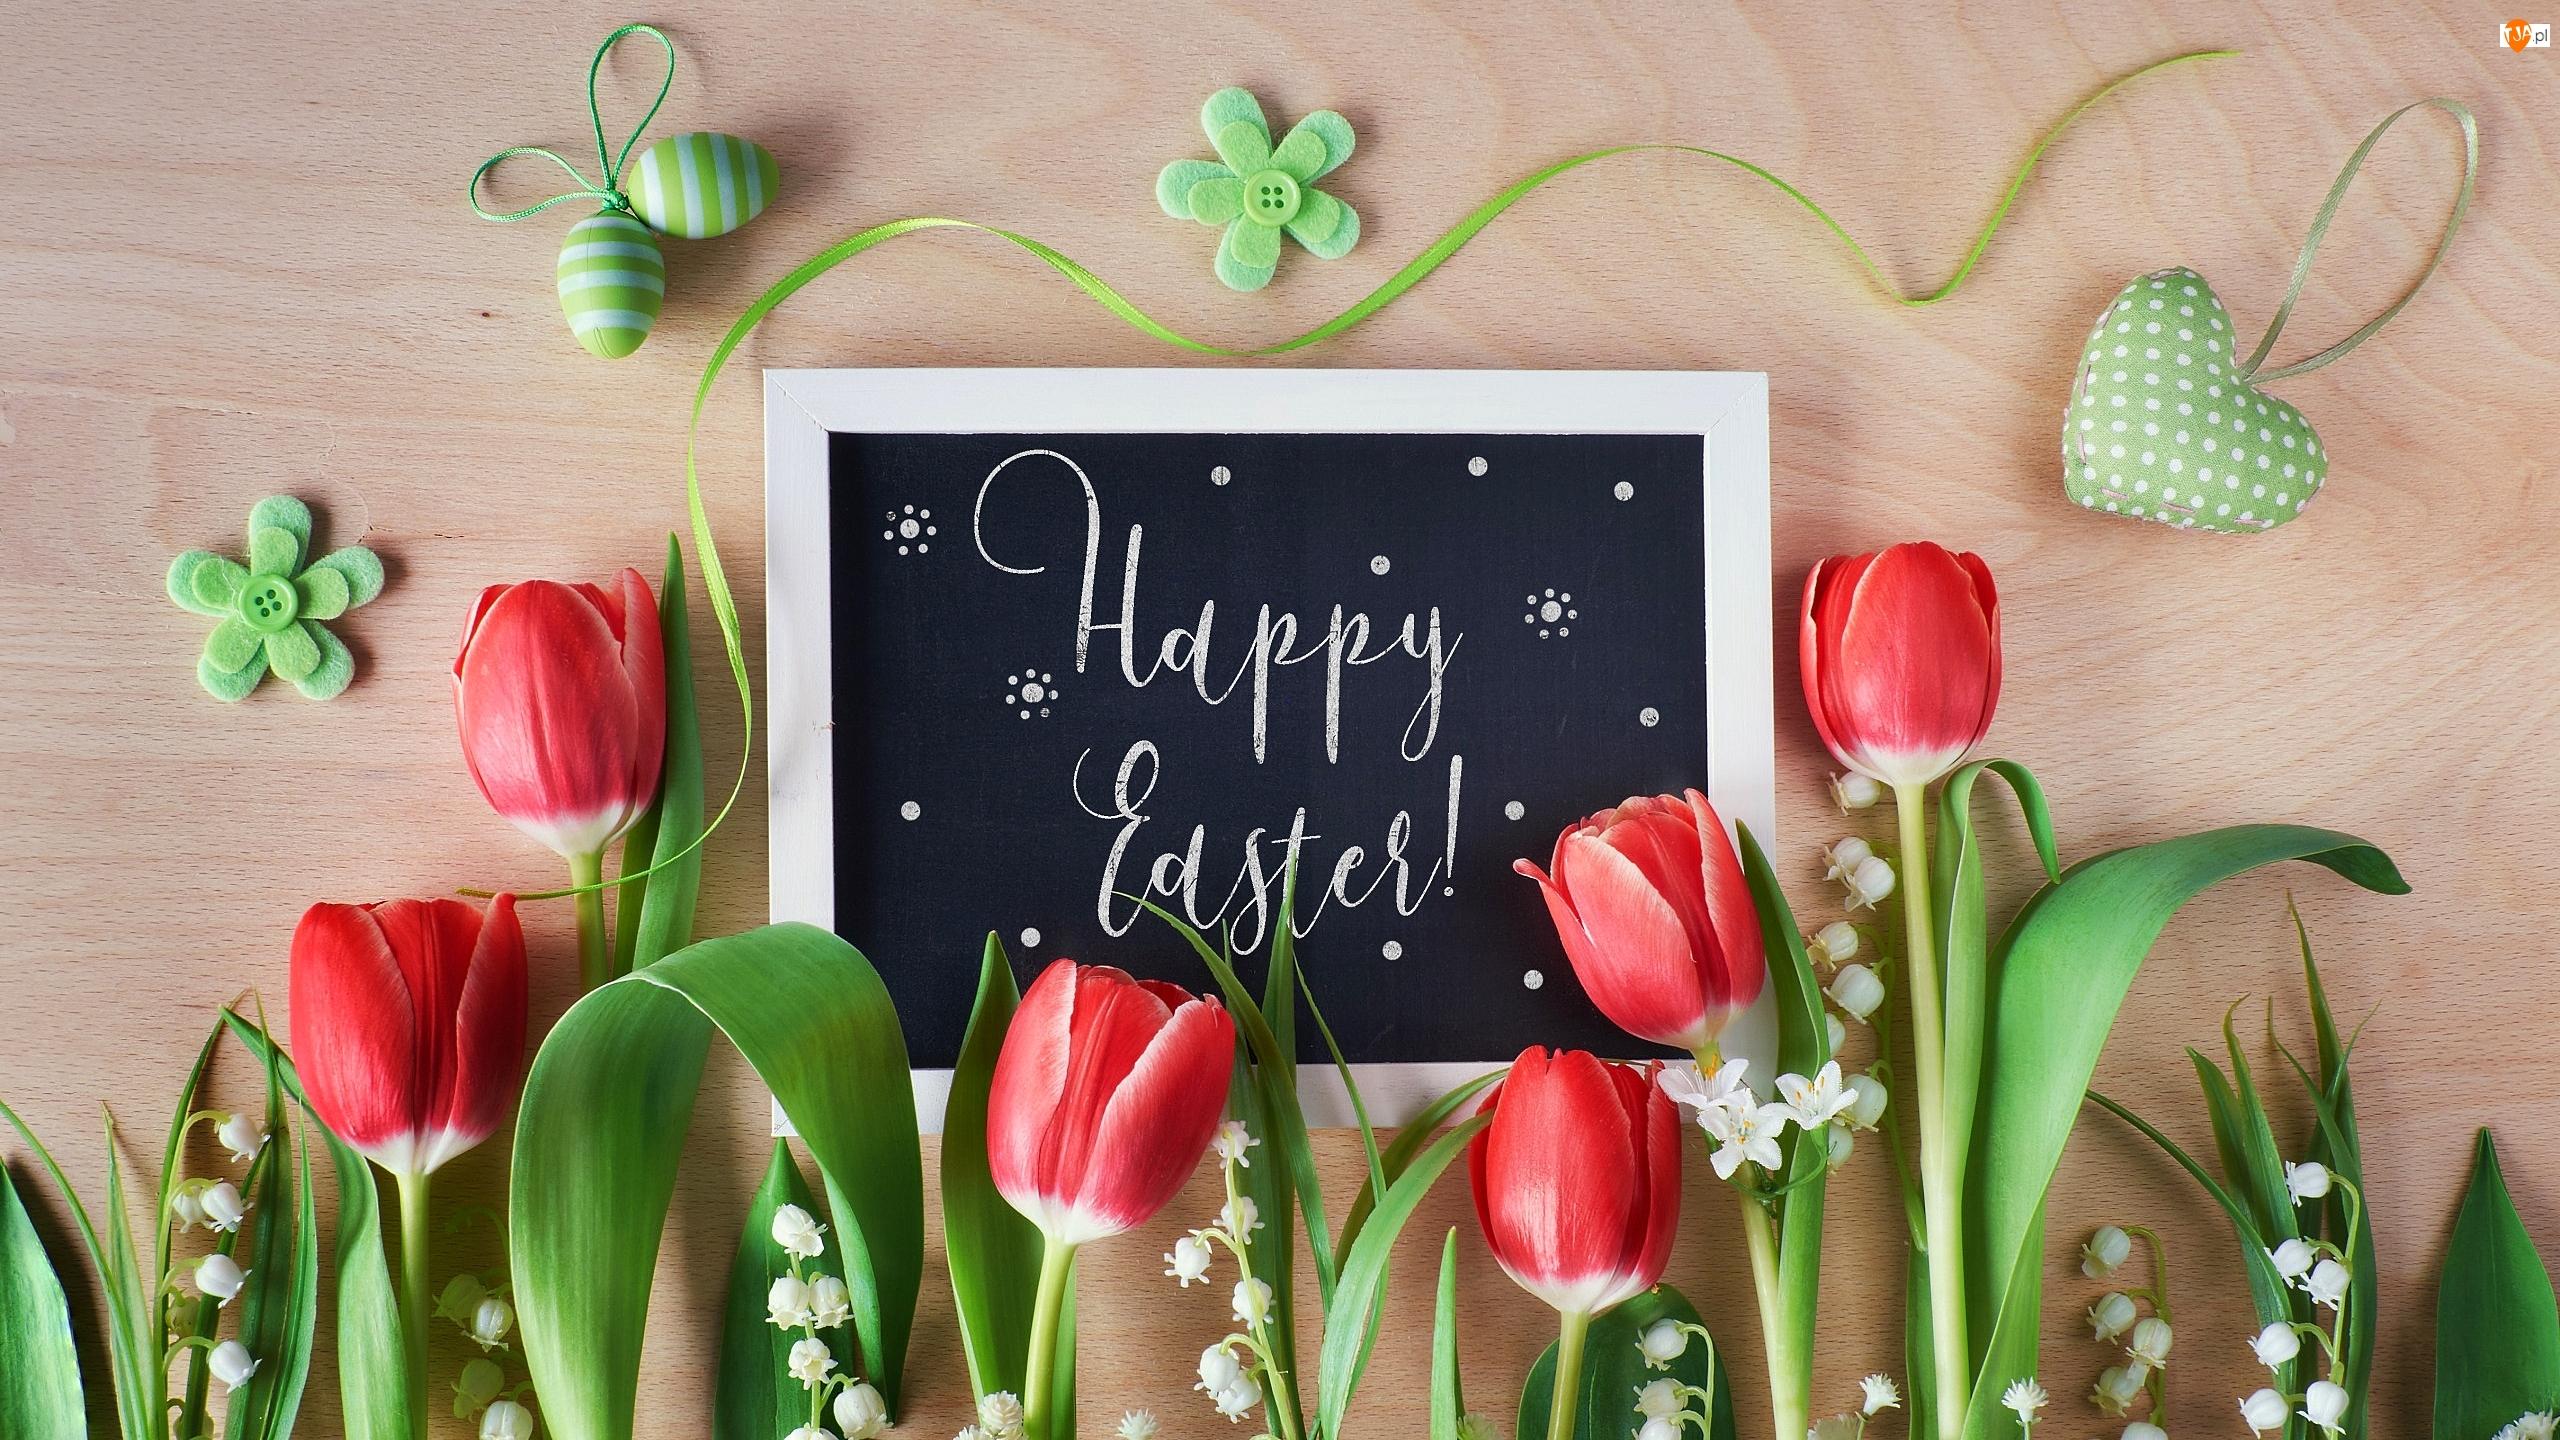 Jajeczka, Tulipany, Serce, Happy Easter, Zawieszka, Konwalie, Tablica, Wielkanoc, Napis